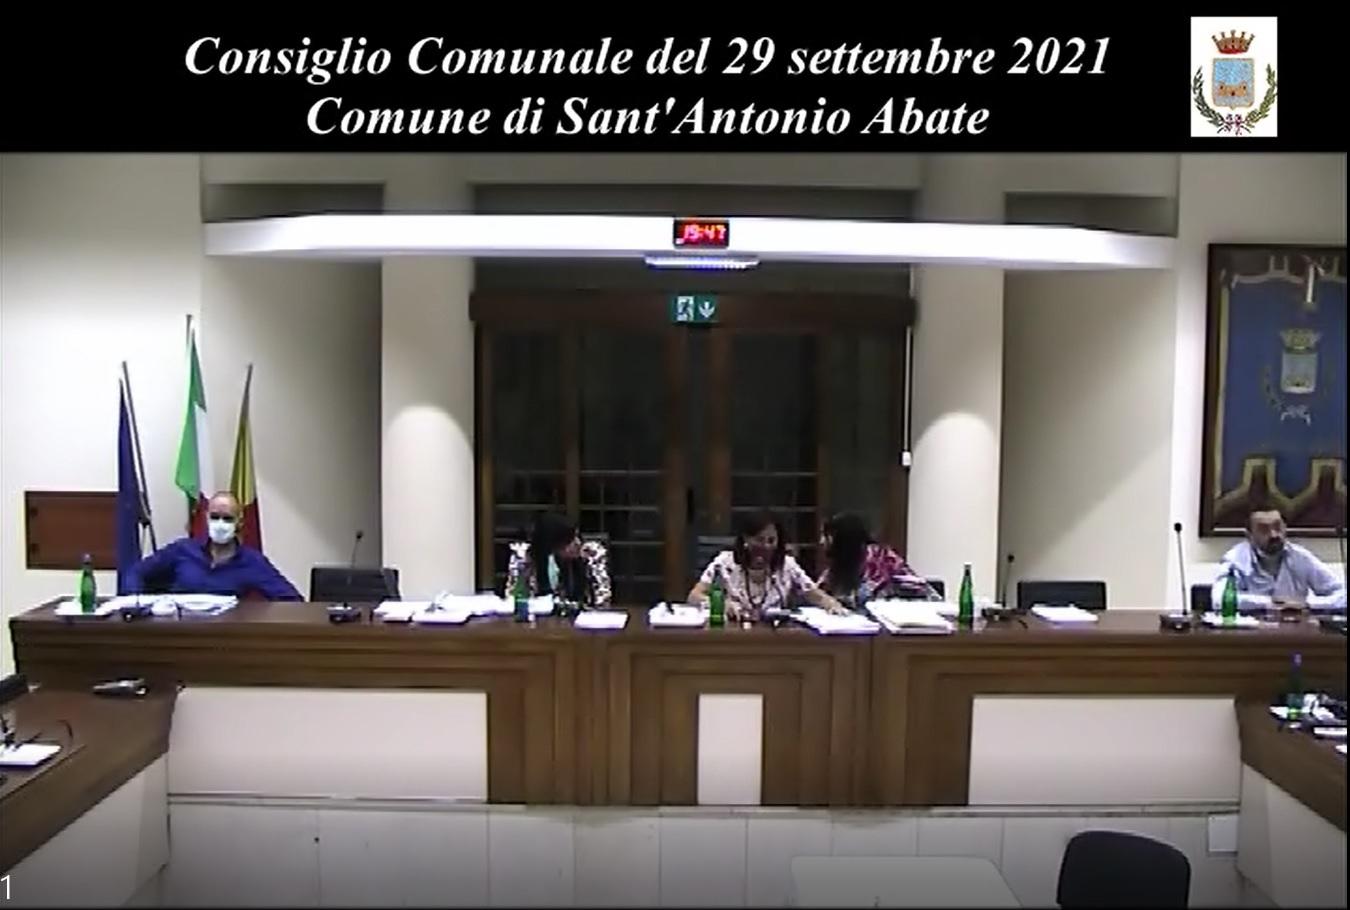 consiglio comunale 29 settembre 2021